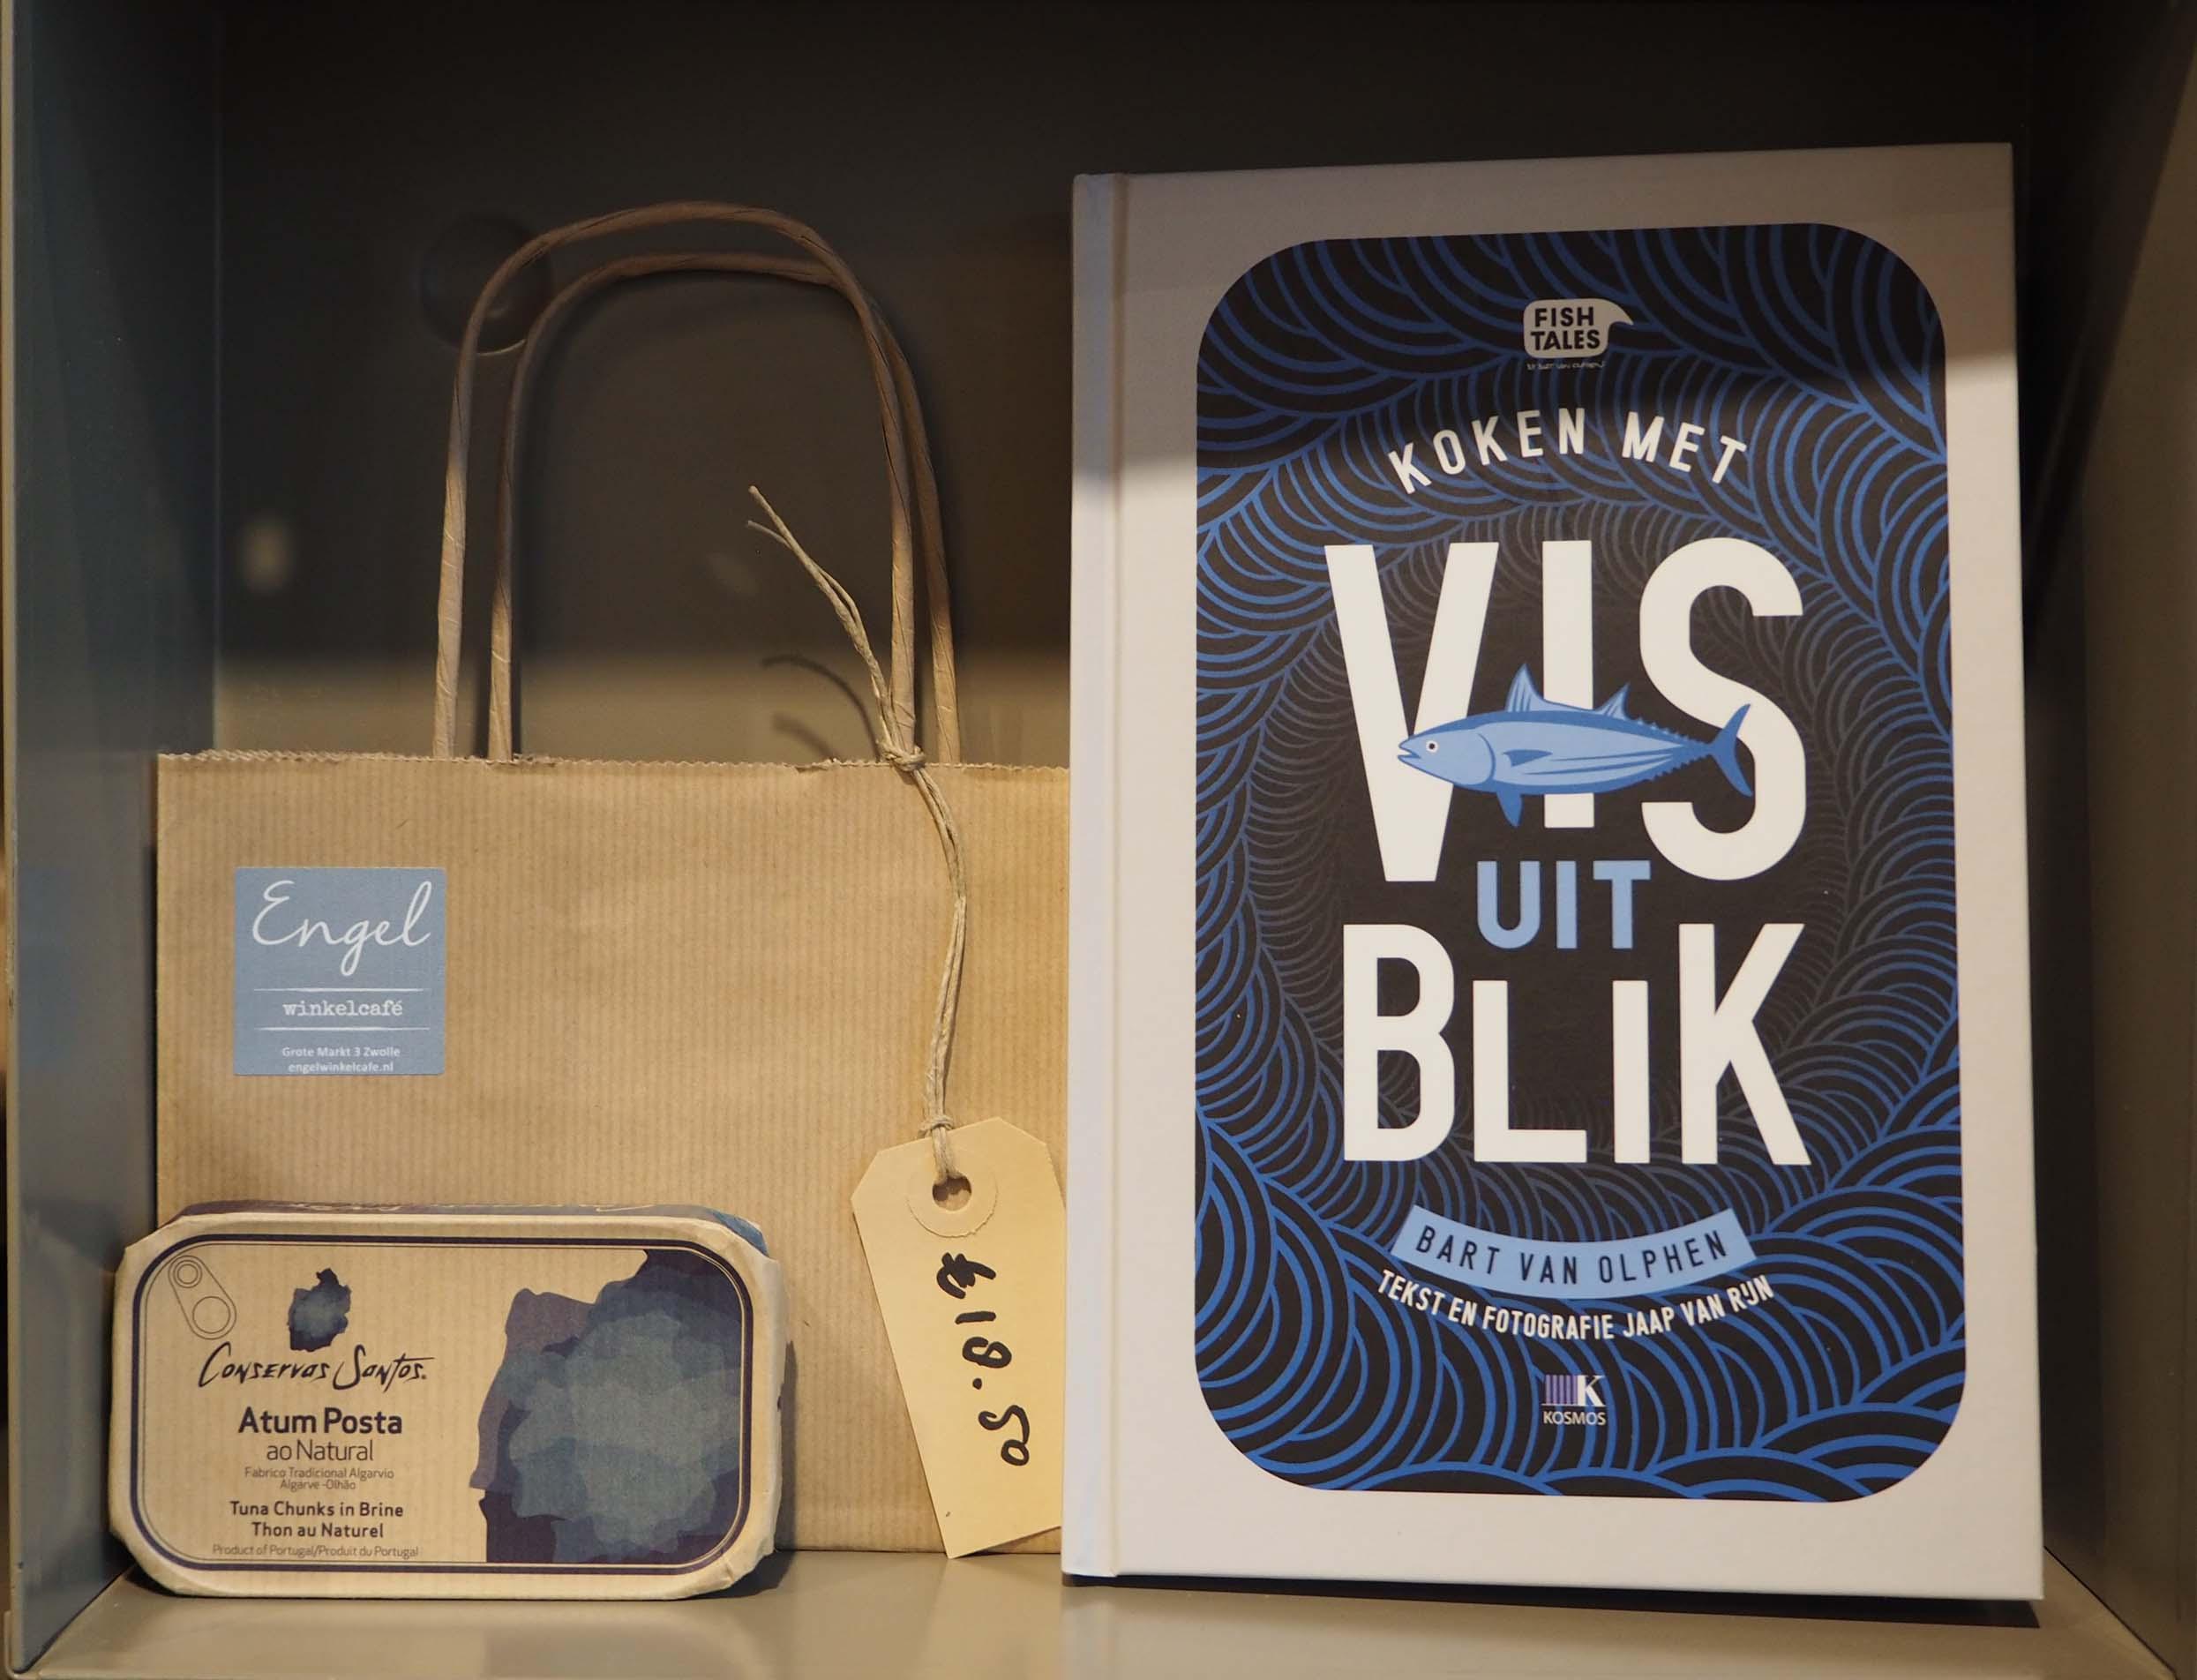 Nieuw in Zwolle Winkelcafé Engel bij de Grote Kerk © Wilma Lankhorst